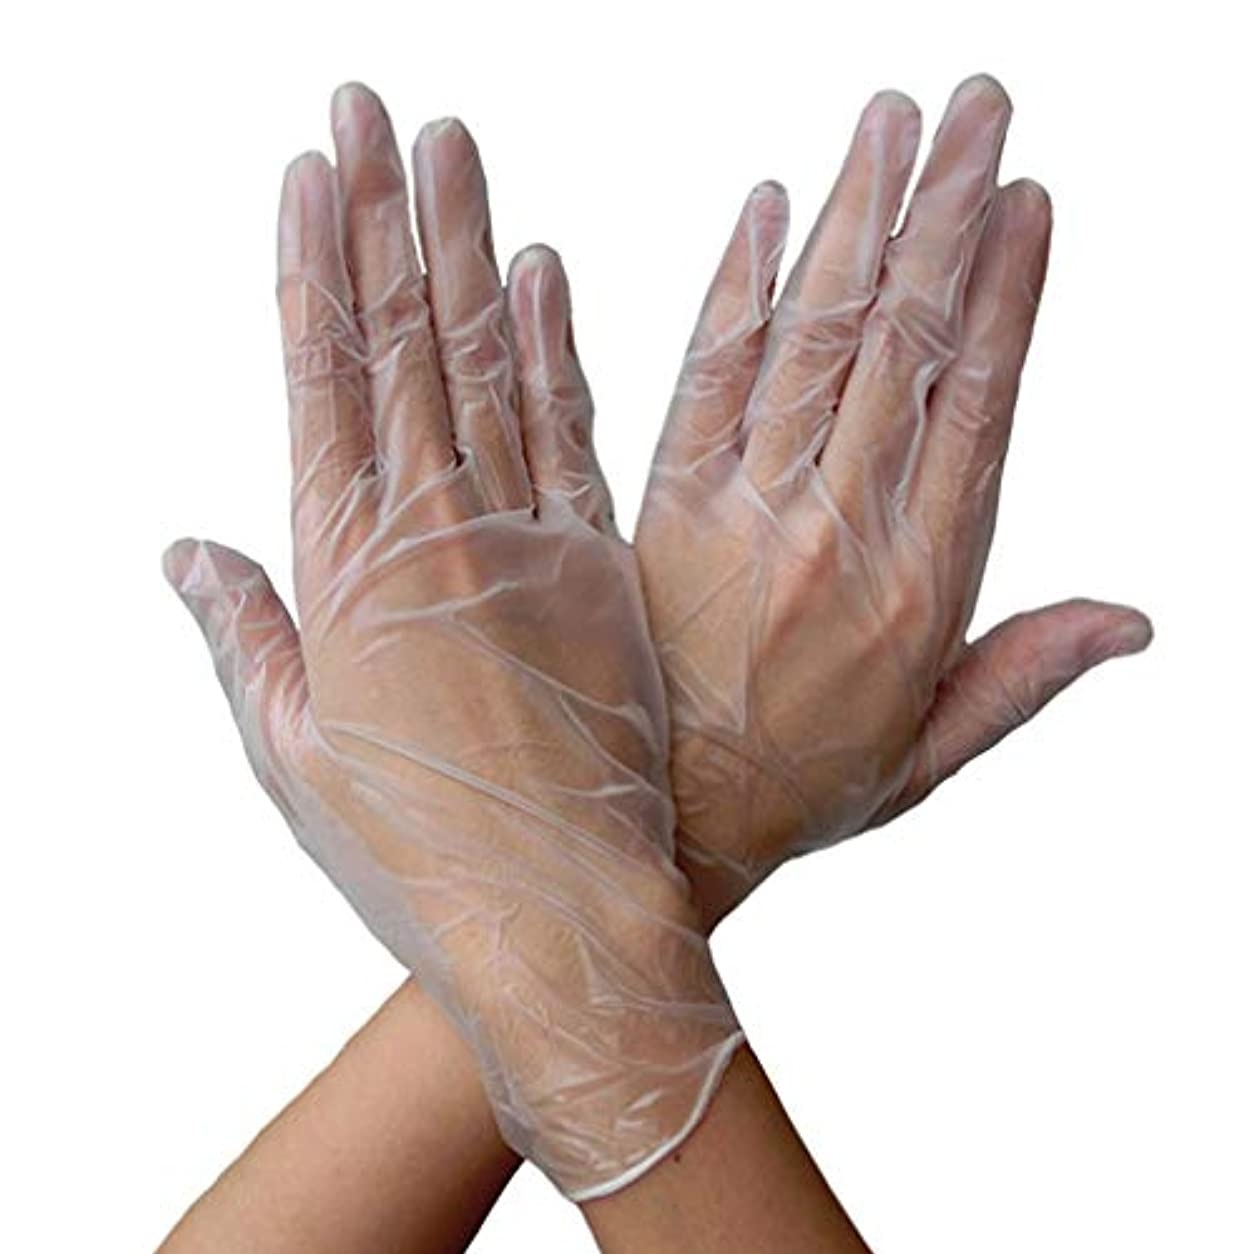 シンプルさエリート熟練したHonel 使い捨て手袋 タトゥー/歯科/病院/研究室に適応 薄い PVC 手袋 高耐久 ホワイト 両手用 使い捨て手袋 50枚 ホワイト L